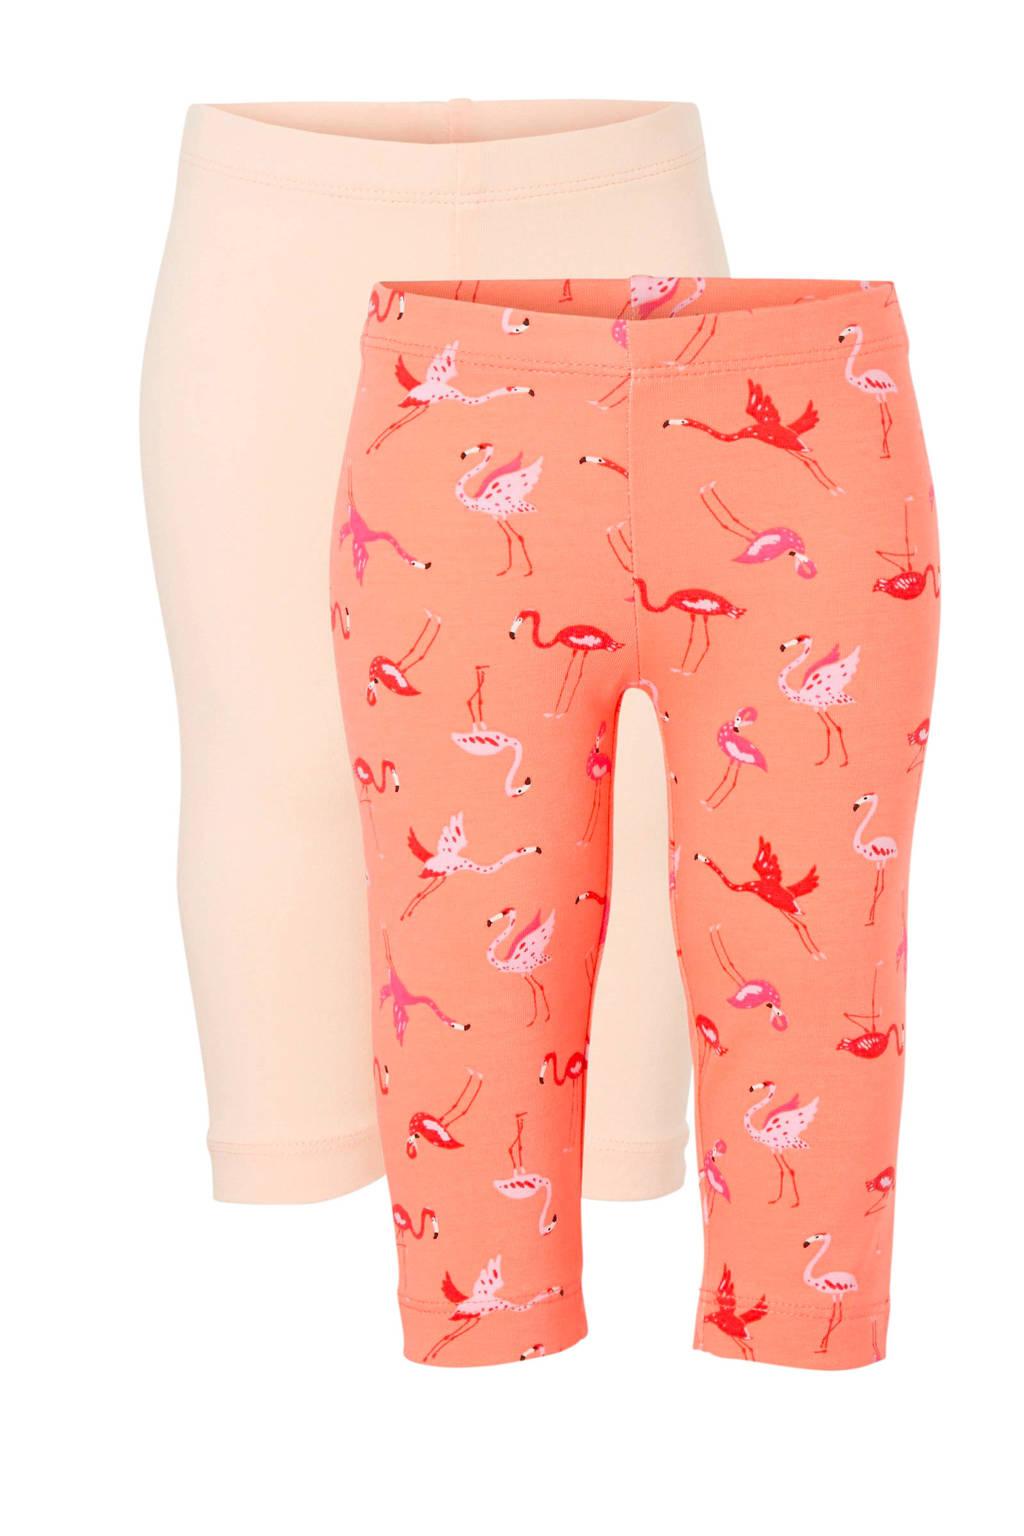 C&A Palomino legging - set van 2, Oranje/zalm